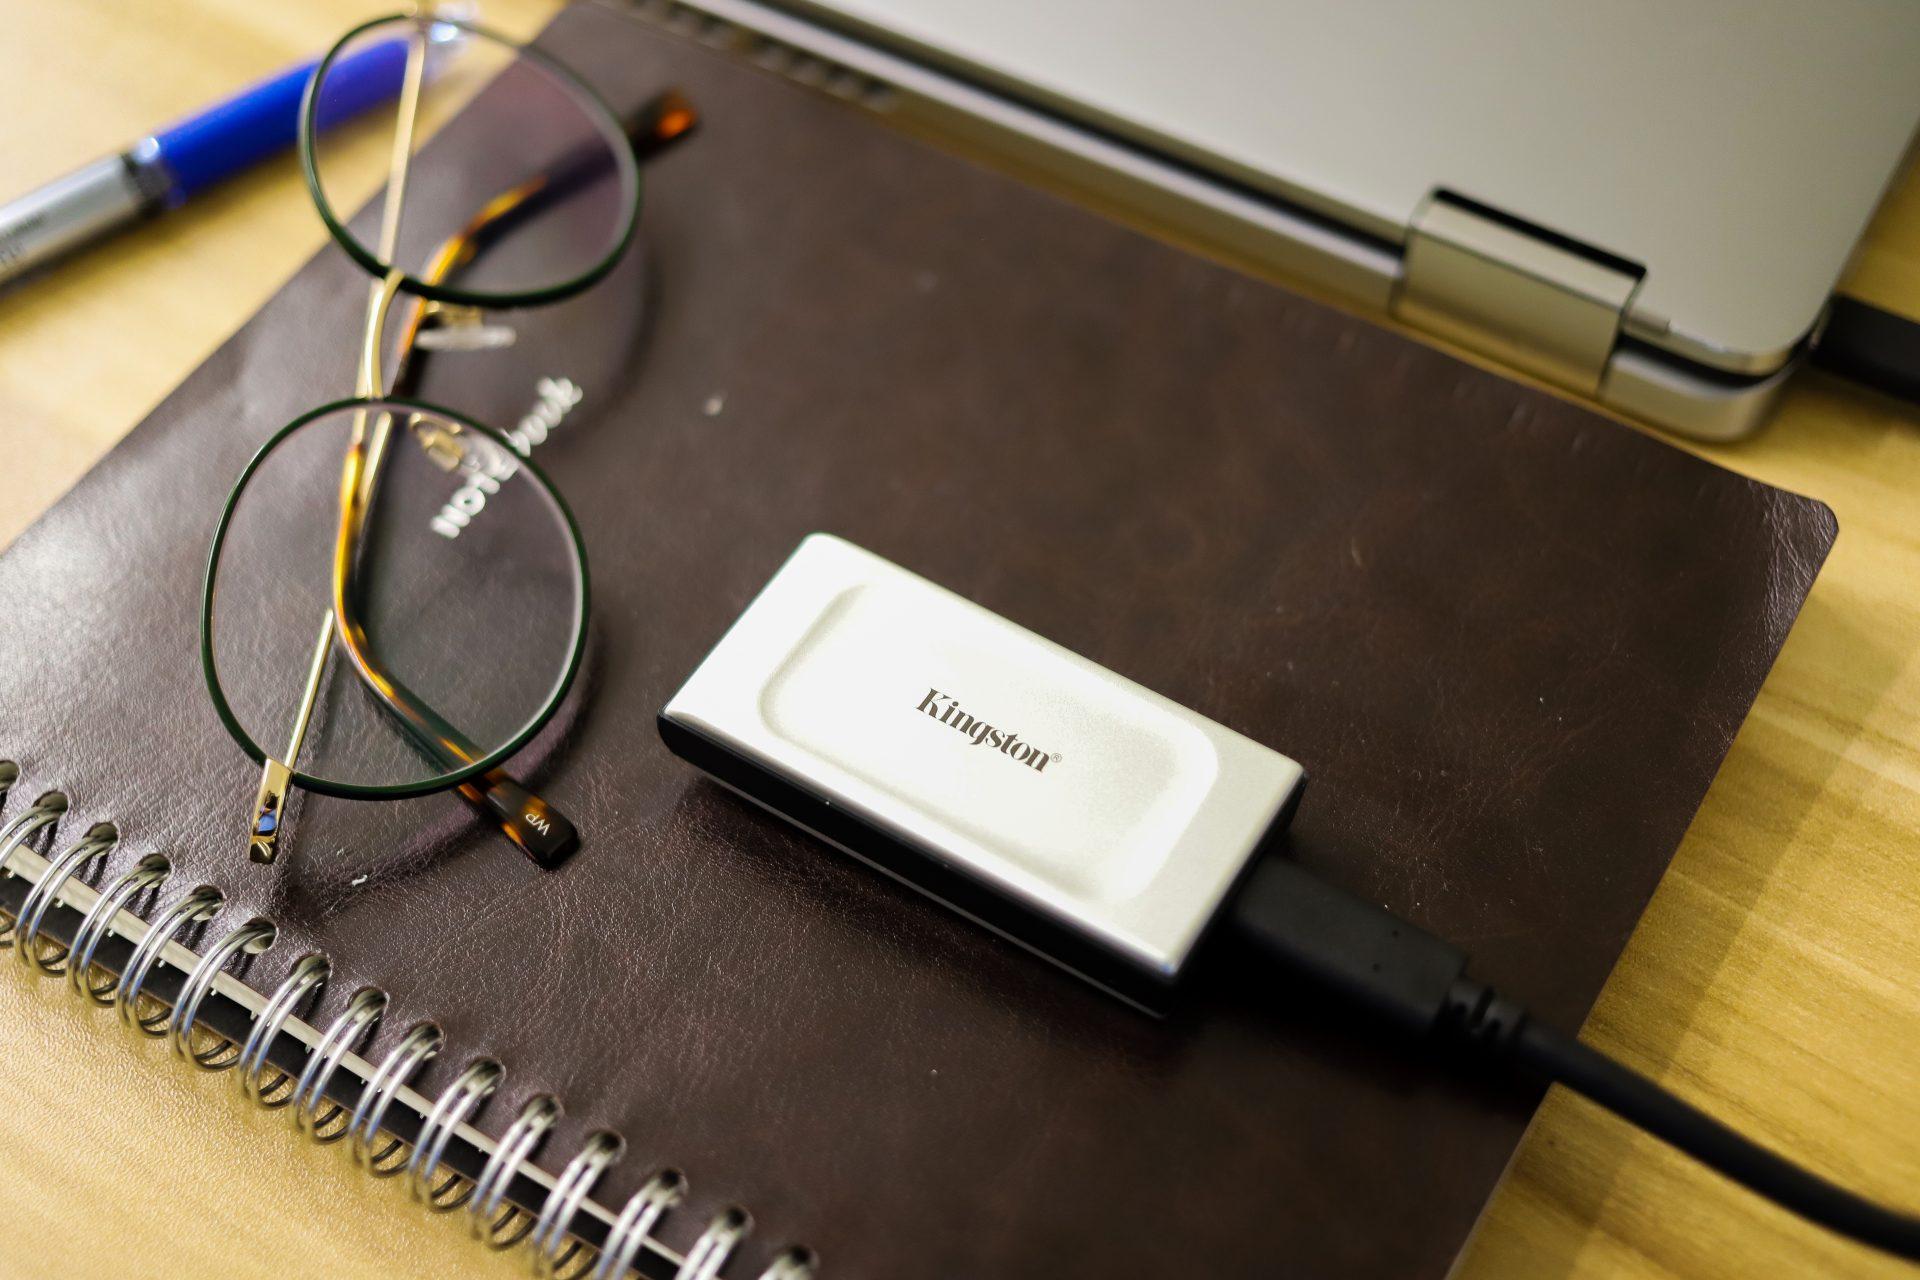 Kingston XS2000 PORTABLE SSD